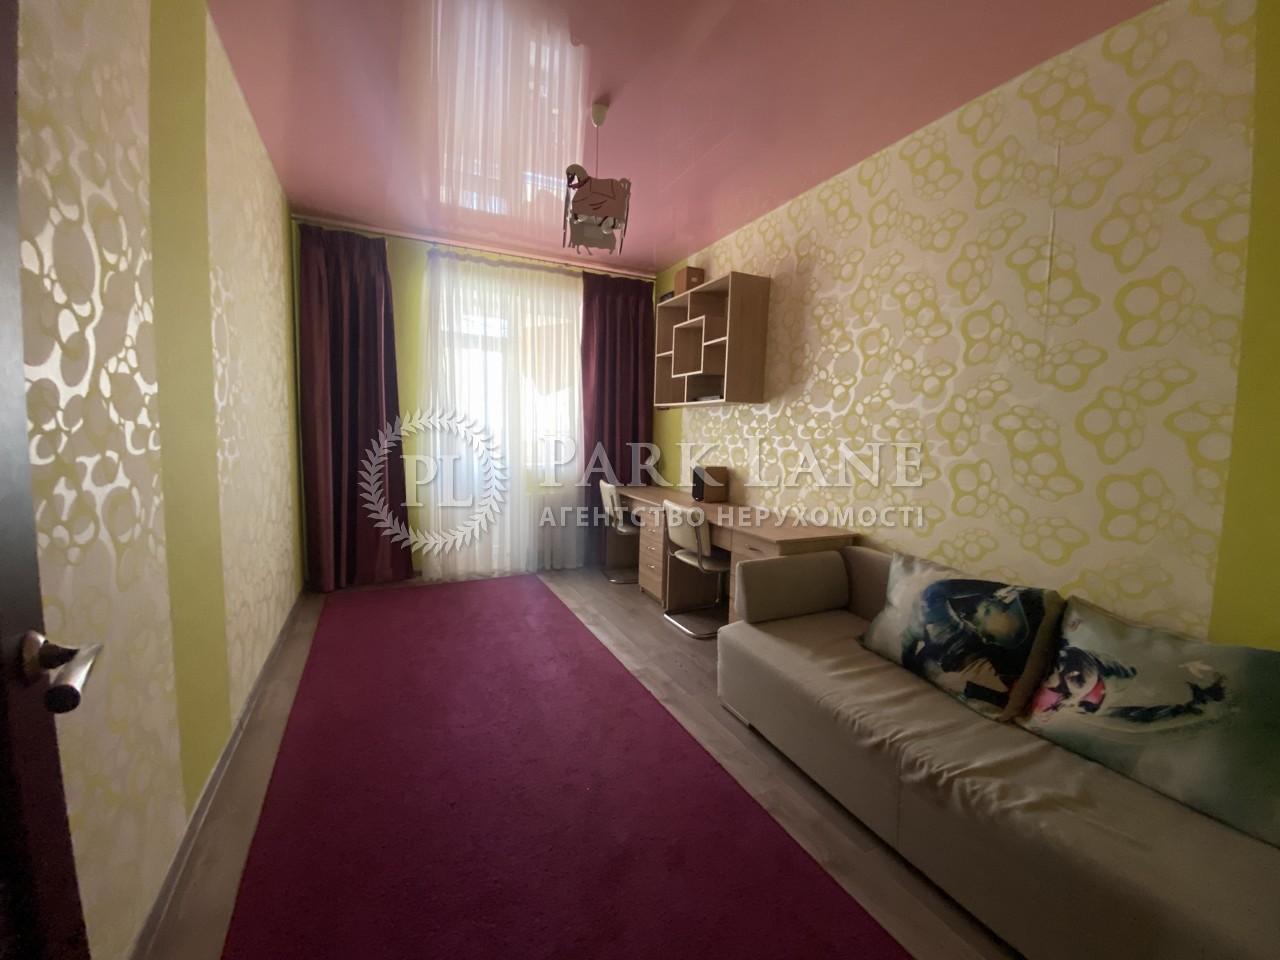 Квартира ул. Павла Чубинского, 2, Софиевская Борщаговка, R-39092 - Фото 3